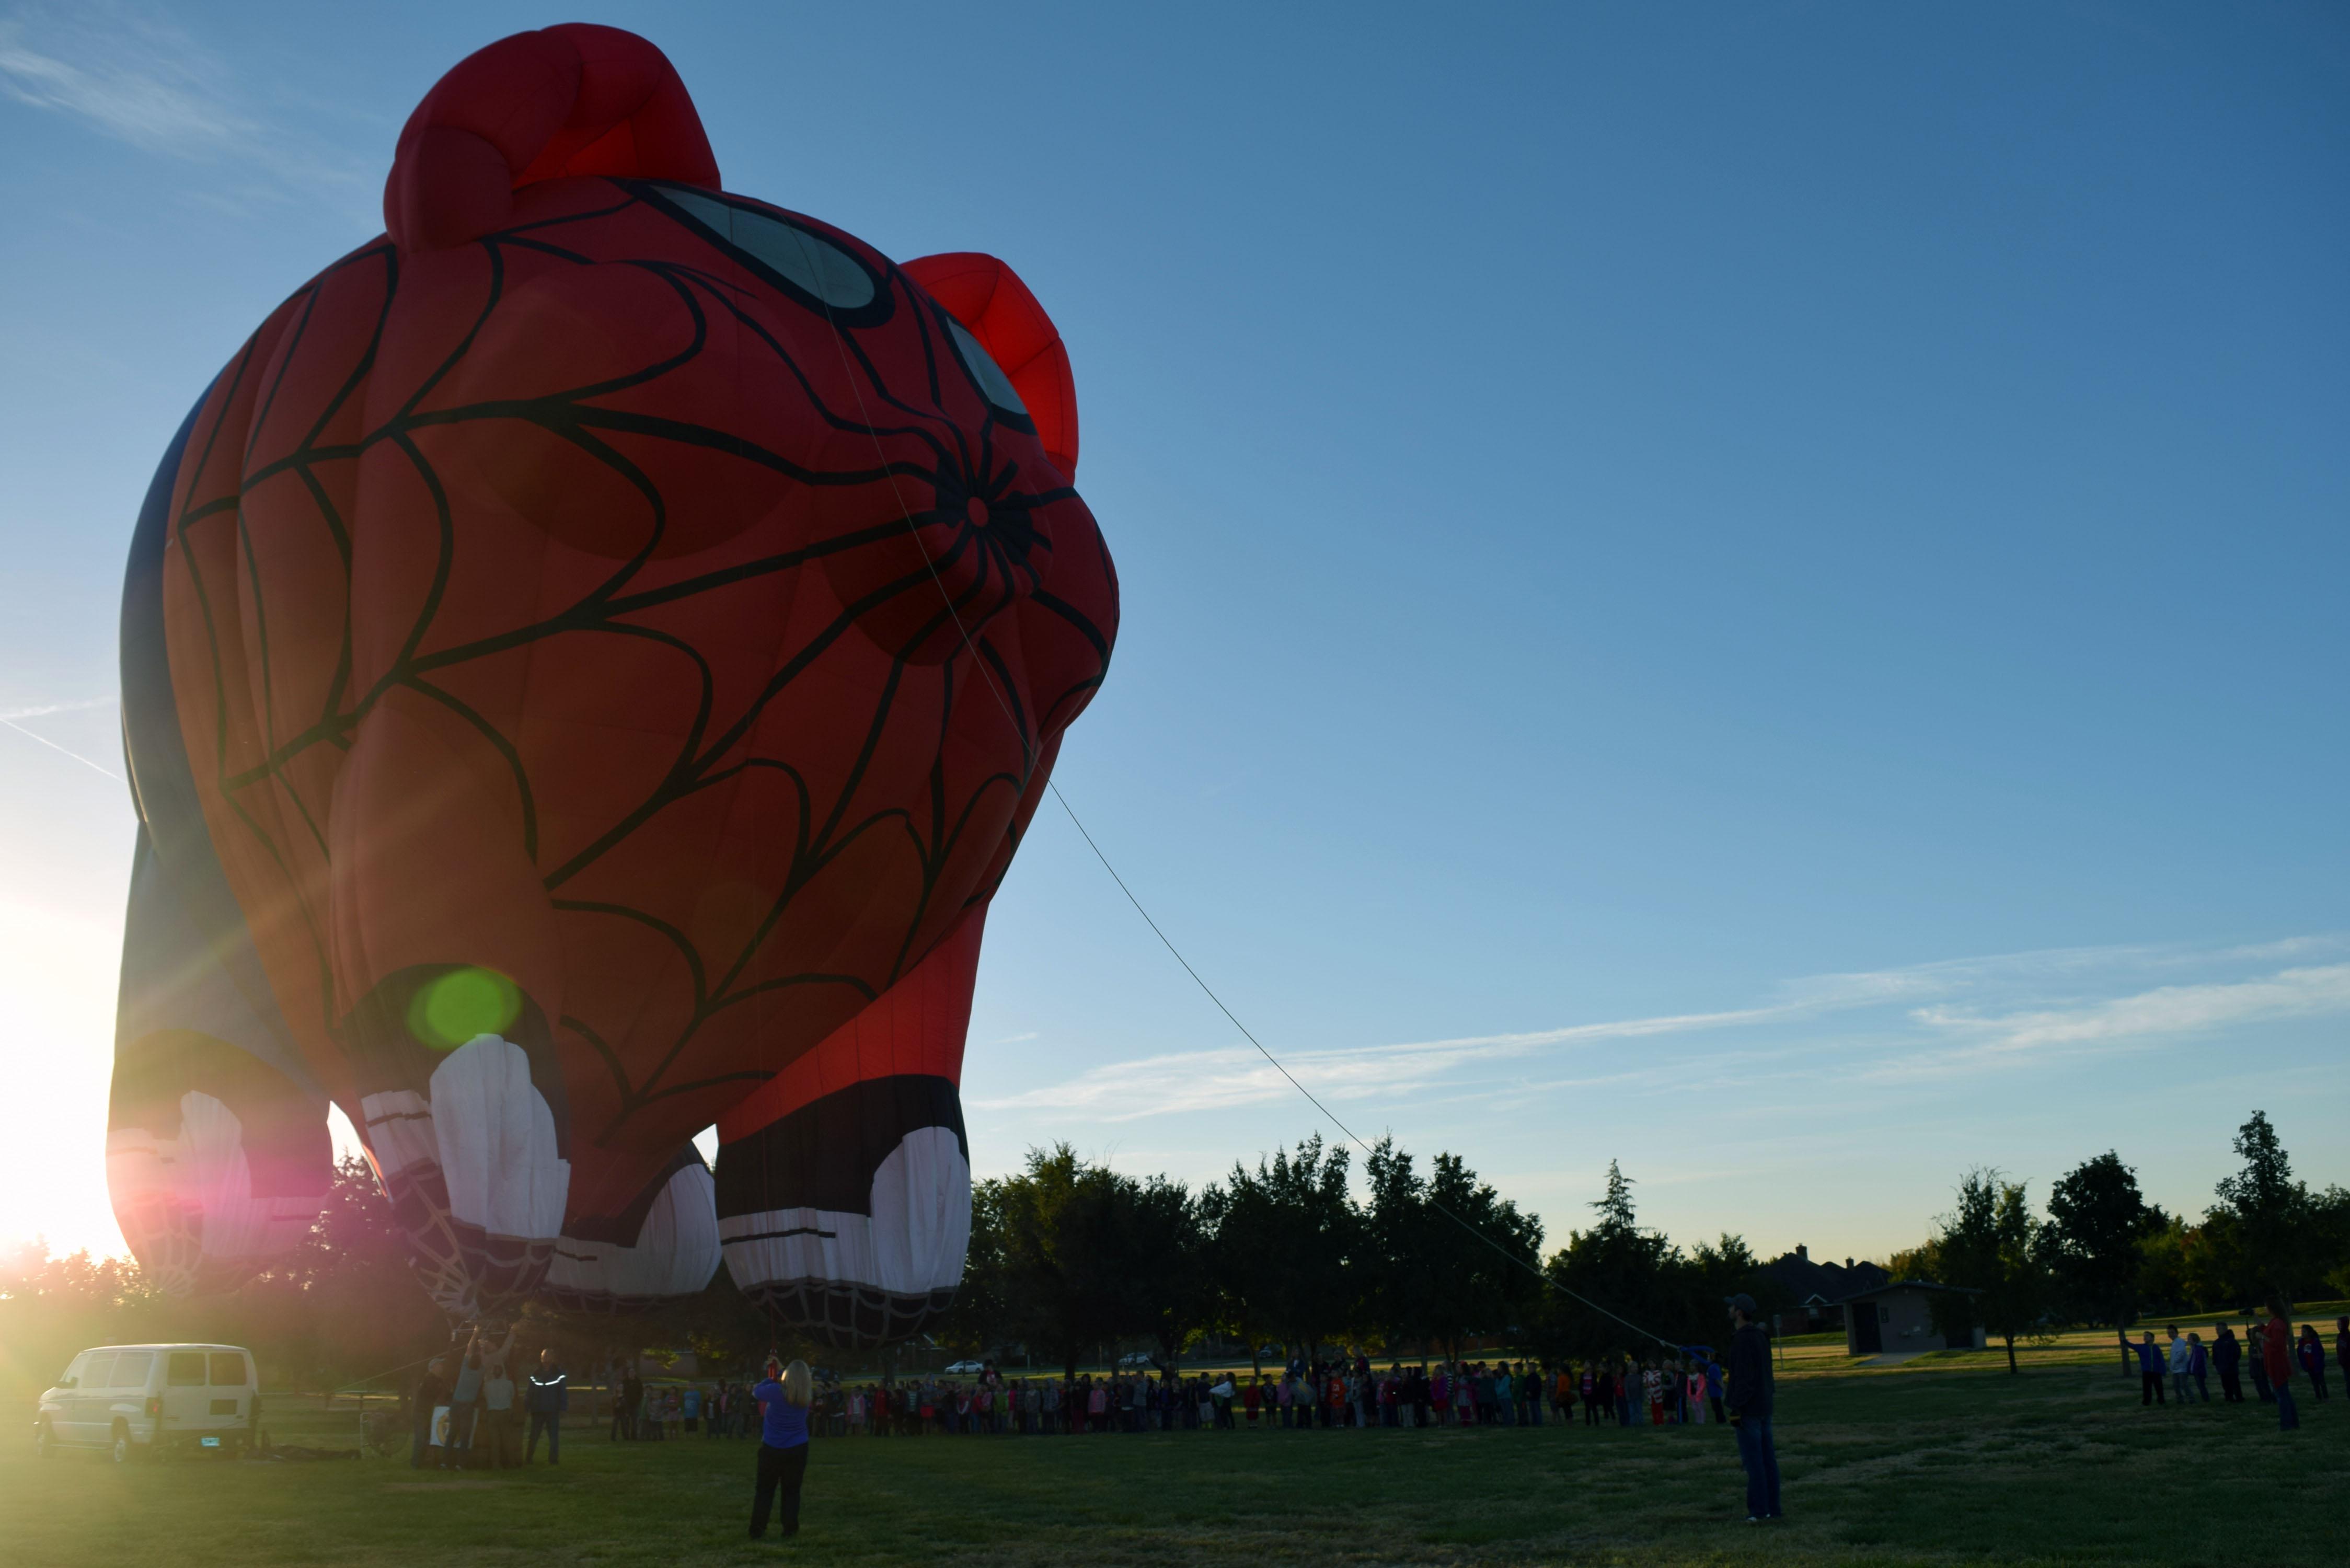 Image - Balloon090216.jpg